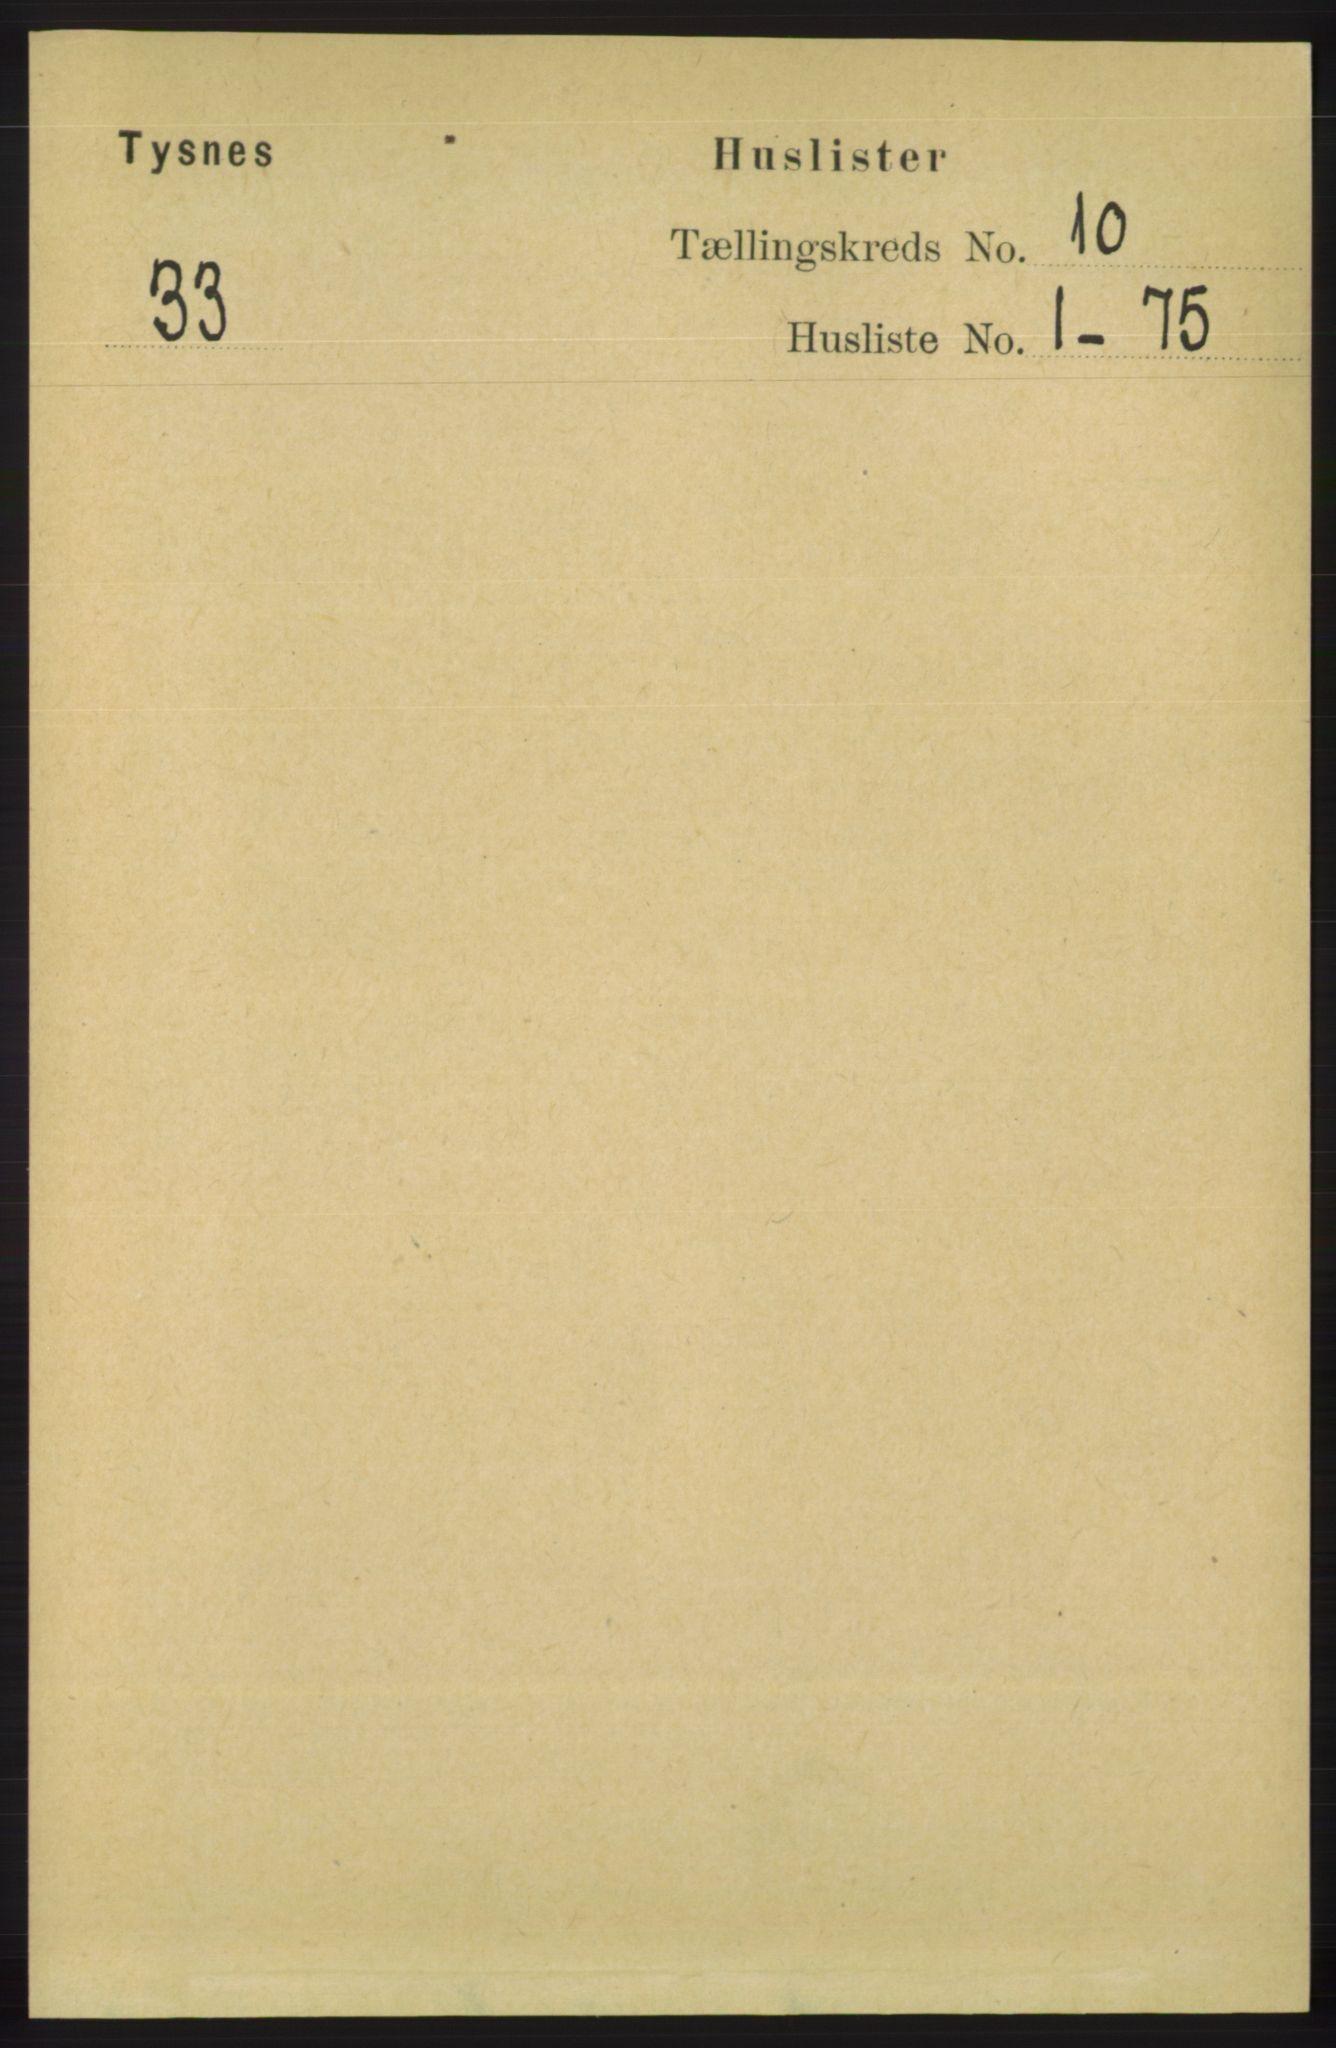 RA, Folketelling 1891 for 1223 Tysnes herred, 1891, s. 4775